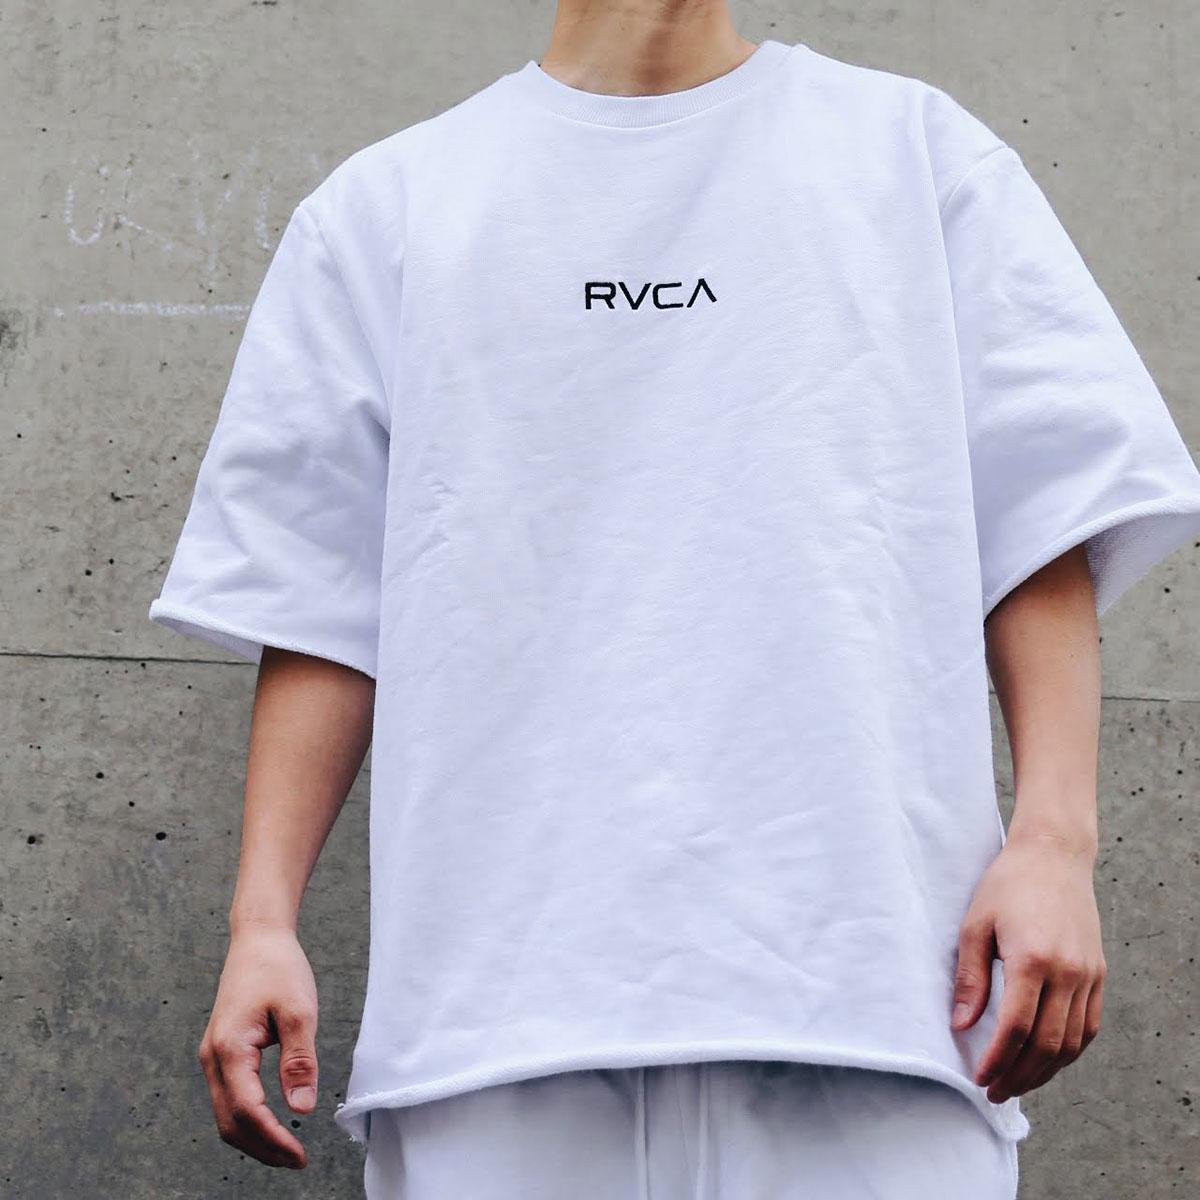 RVCA SMALL RVCA CREW SS(WHITE)(ルーカ スモール ルーカ ショートスリーブ クルー)【メンズ】【Tシャツ】【19SP-I】